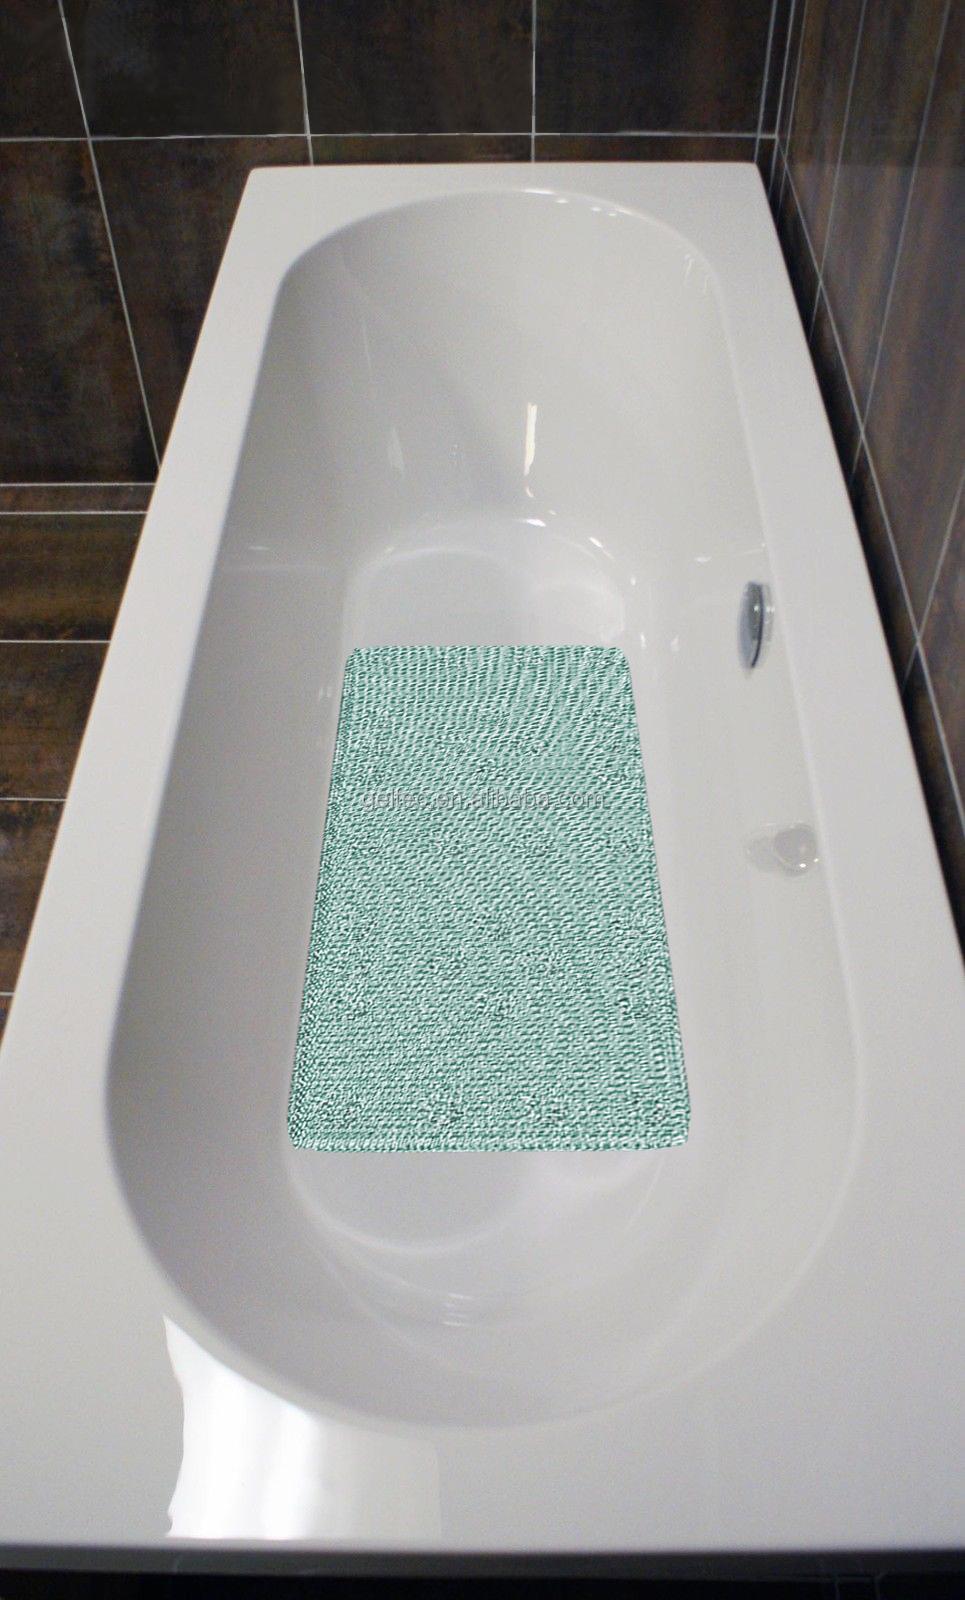 Non Slip Grass Loofah Padded Bath Tub Mat - Buy Non Slip Bath Tub ...